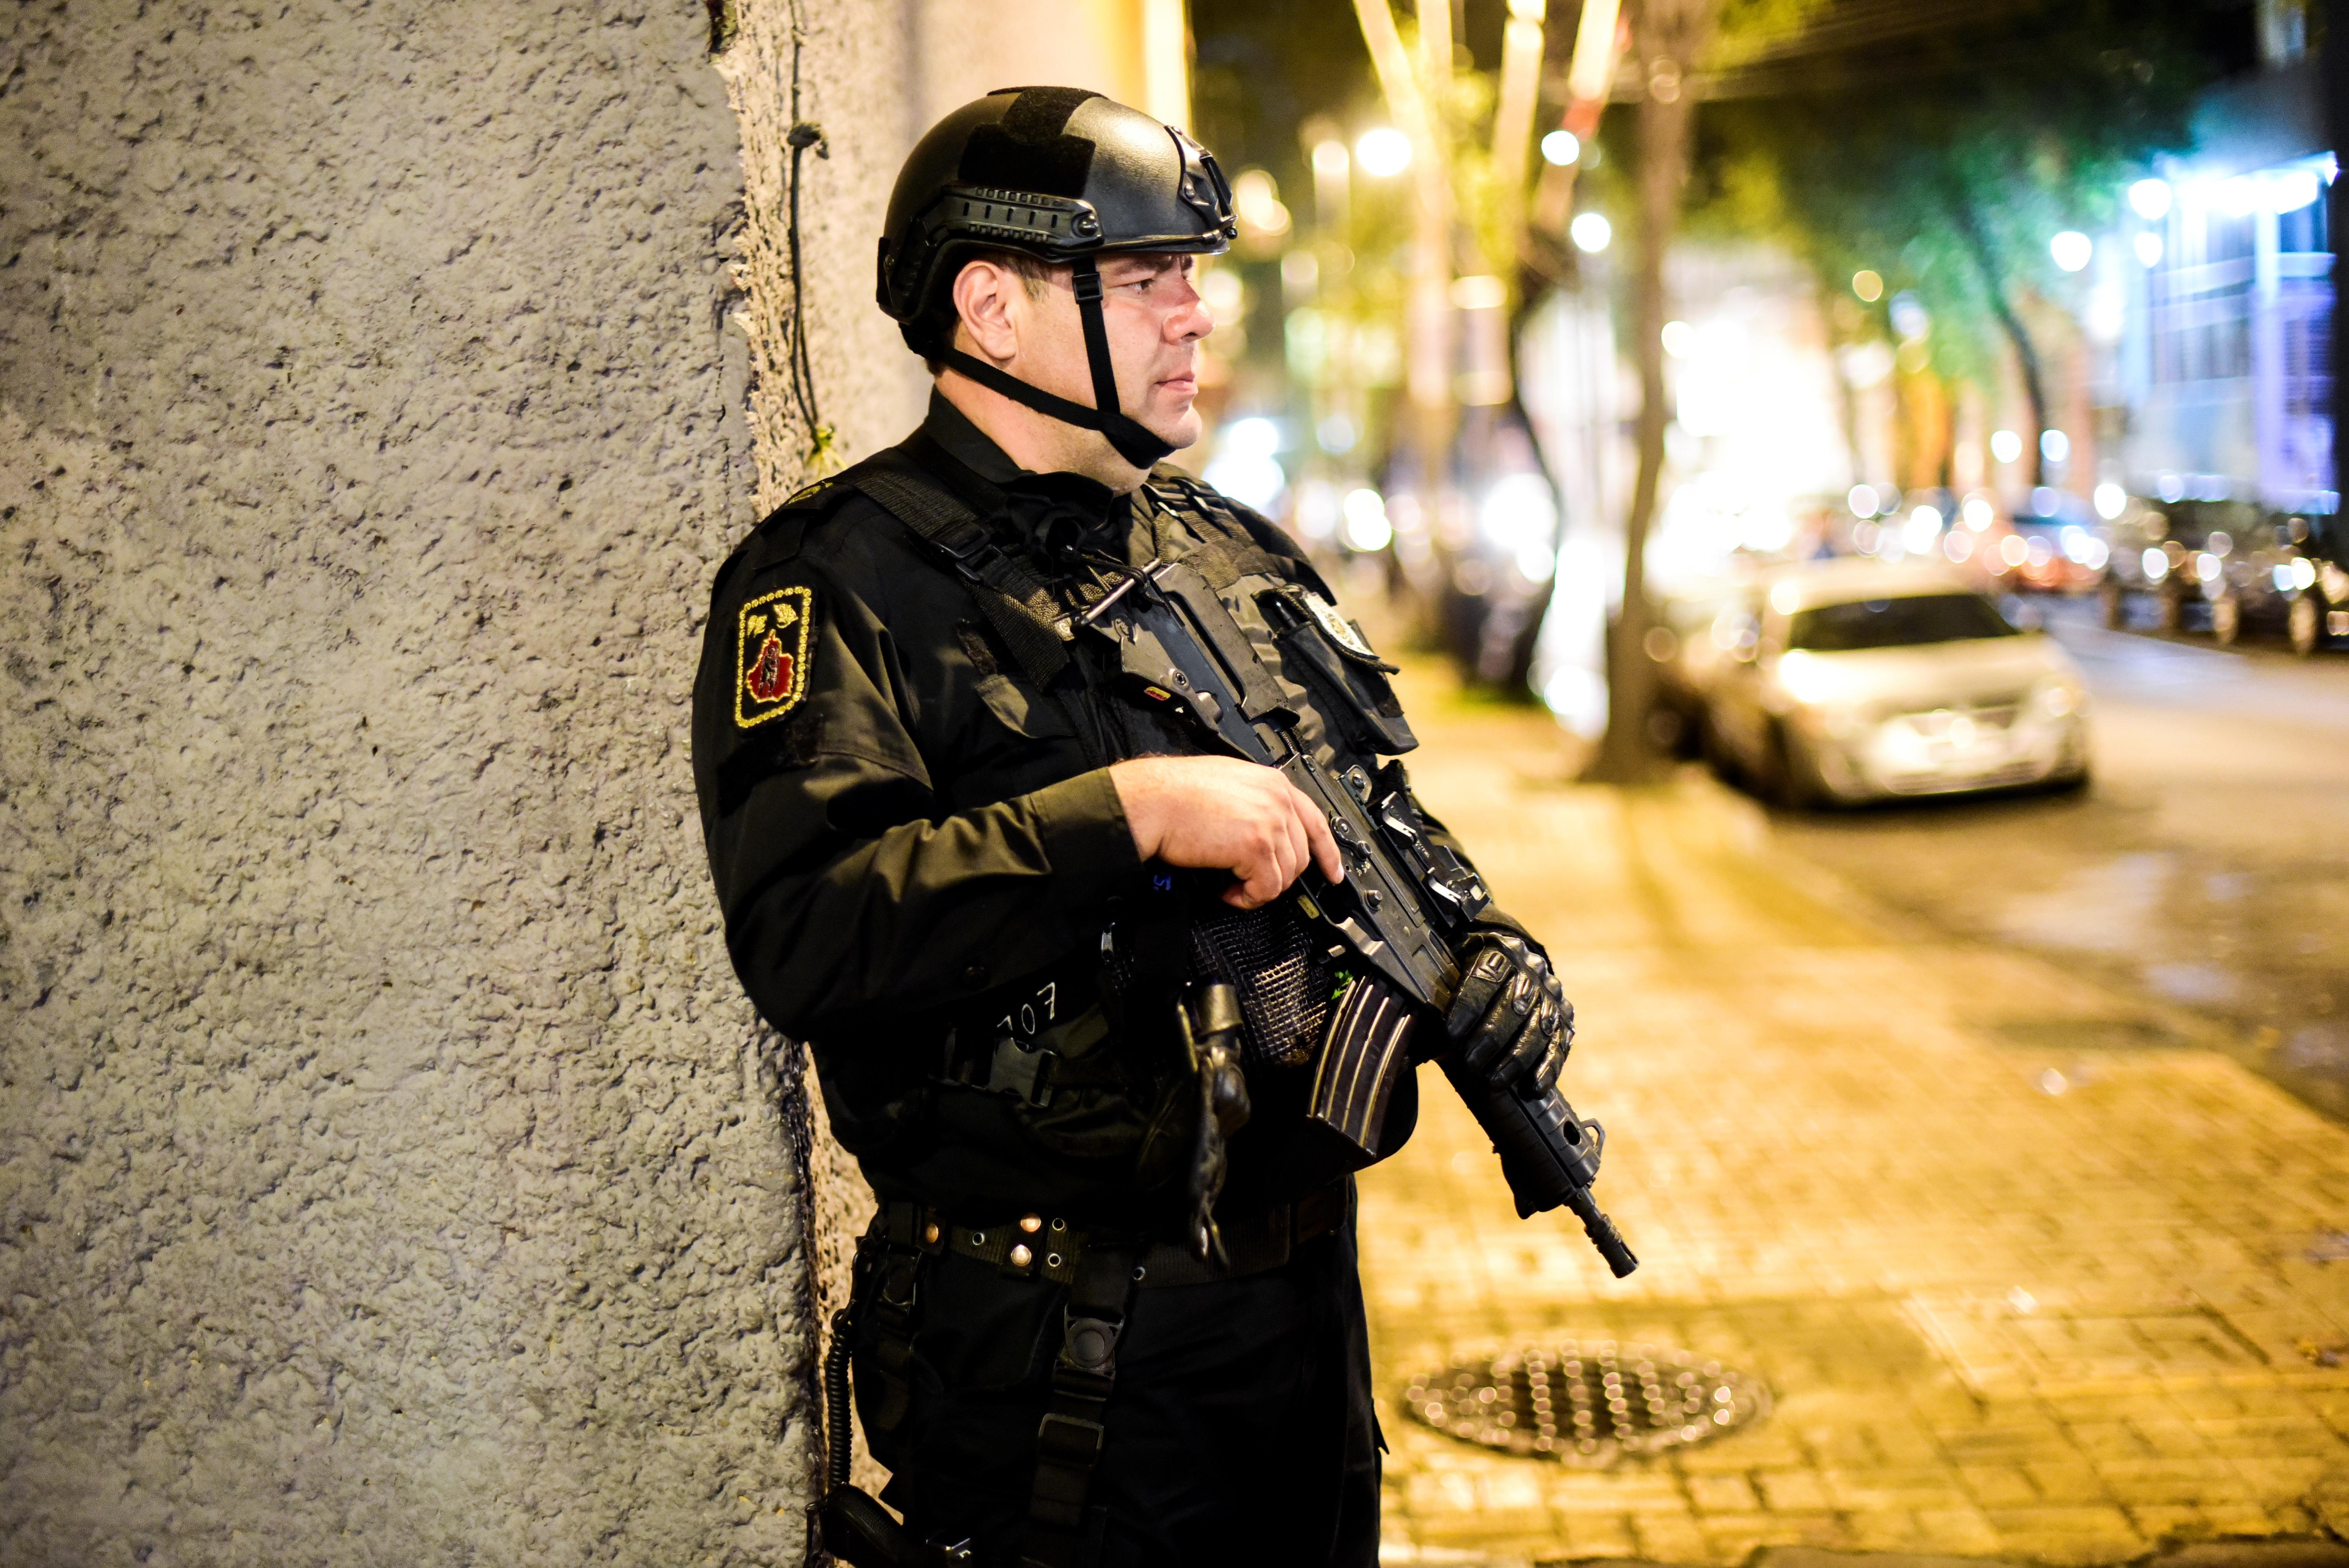 Százfős tömeg lincselt meg és gyújtott fel egy rendőrt Mexikóban